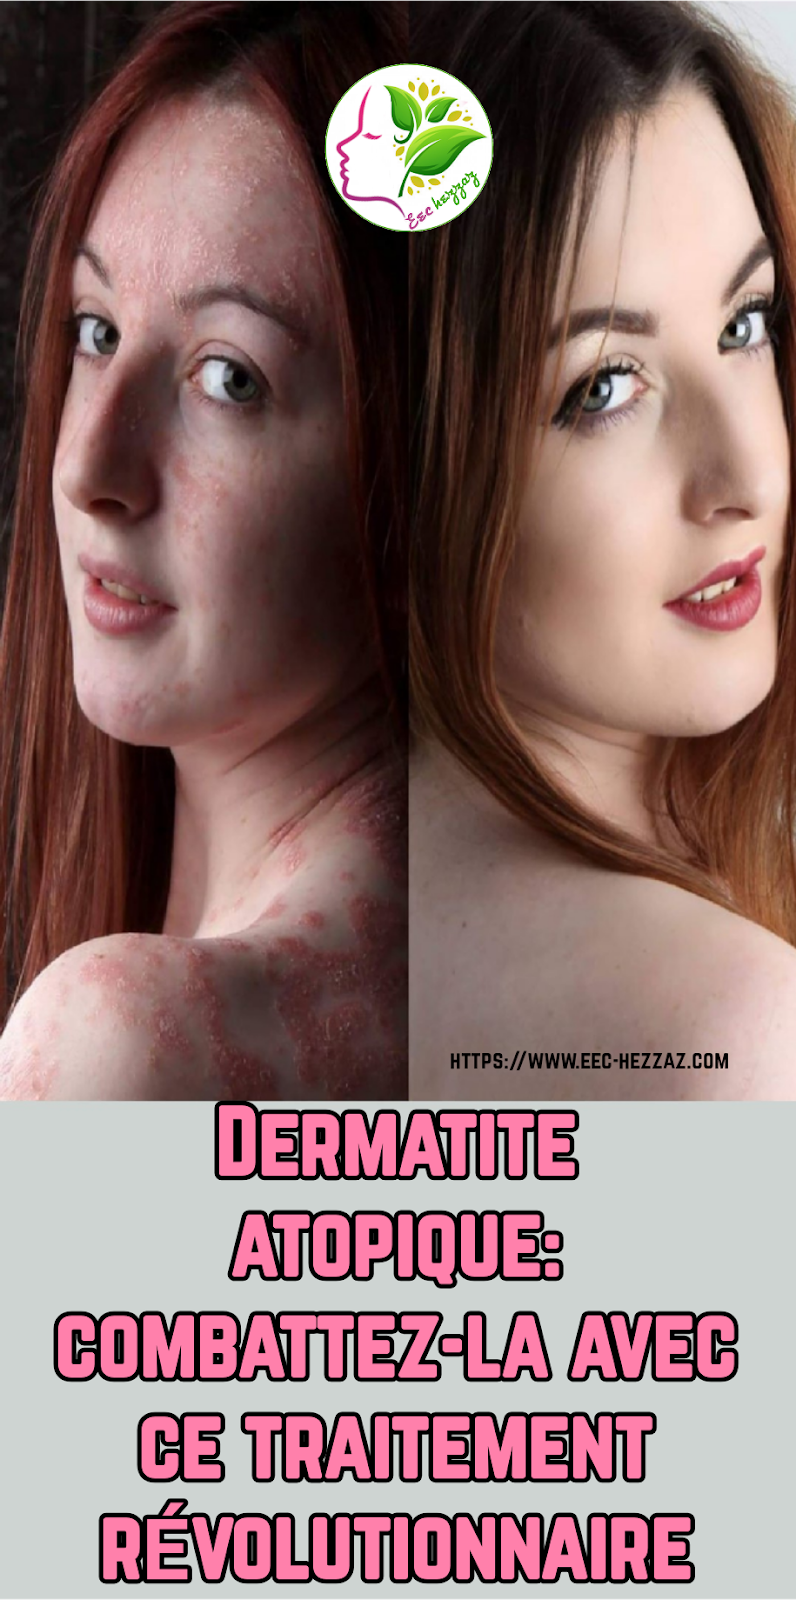 Dermatite atopique: combattez-la avec ce traitement révolutionnaire